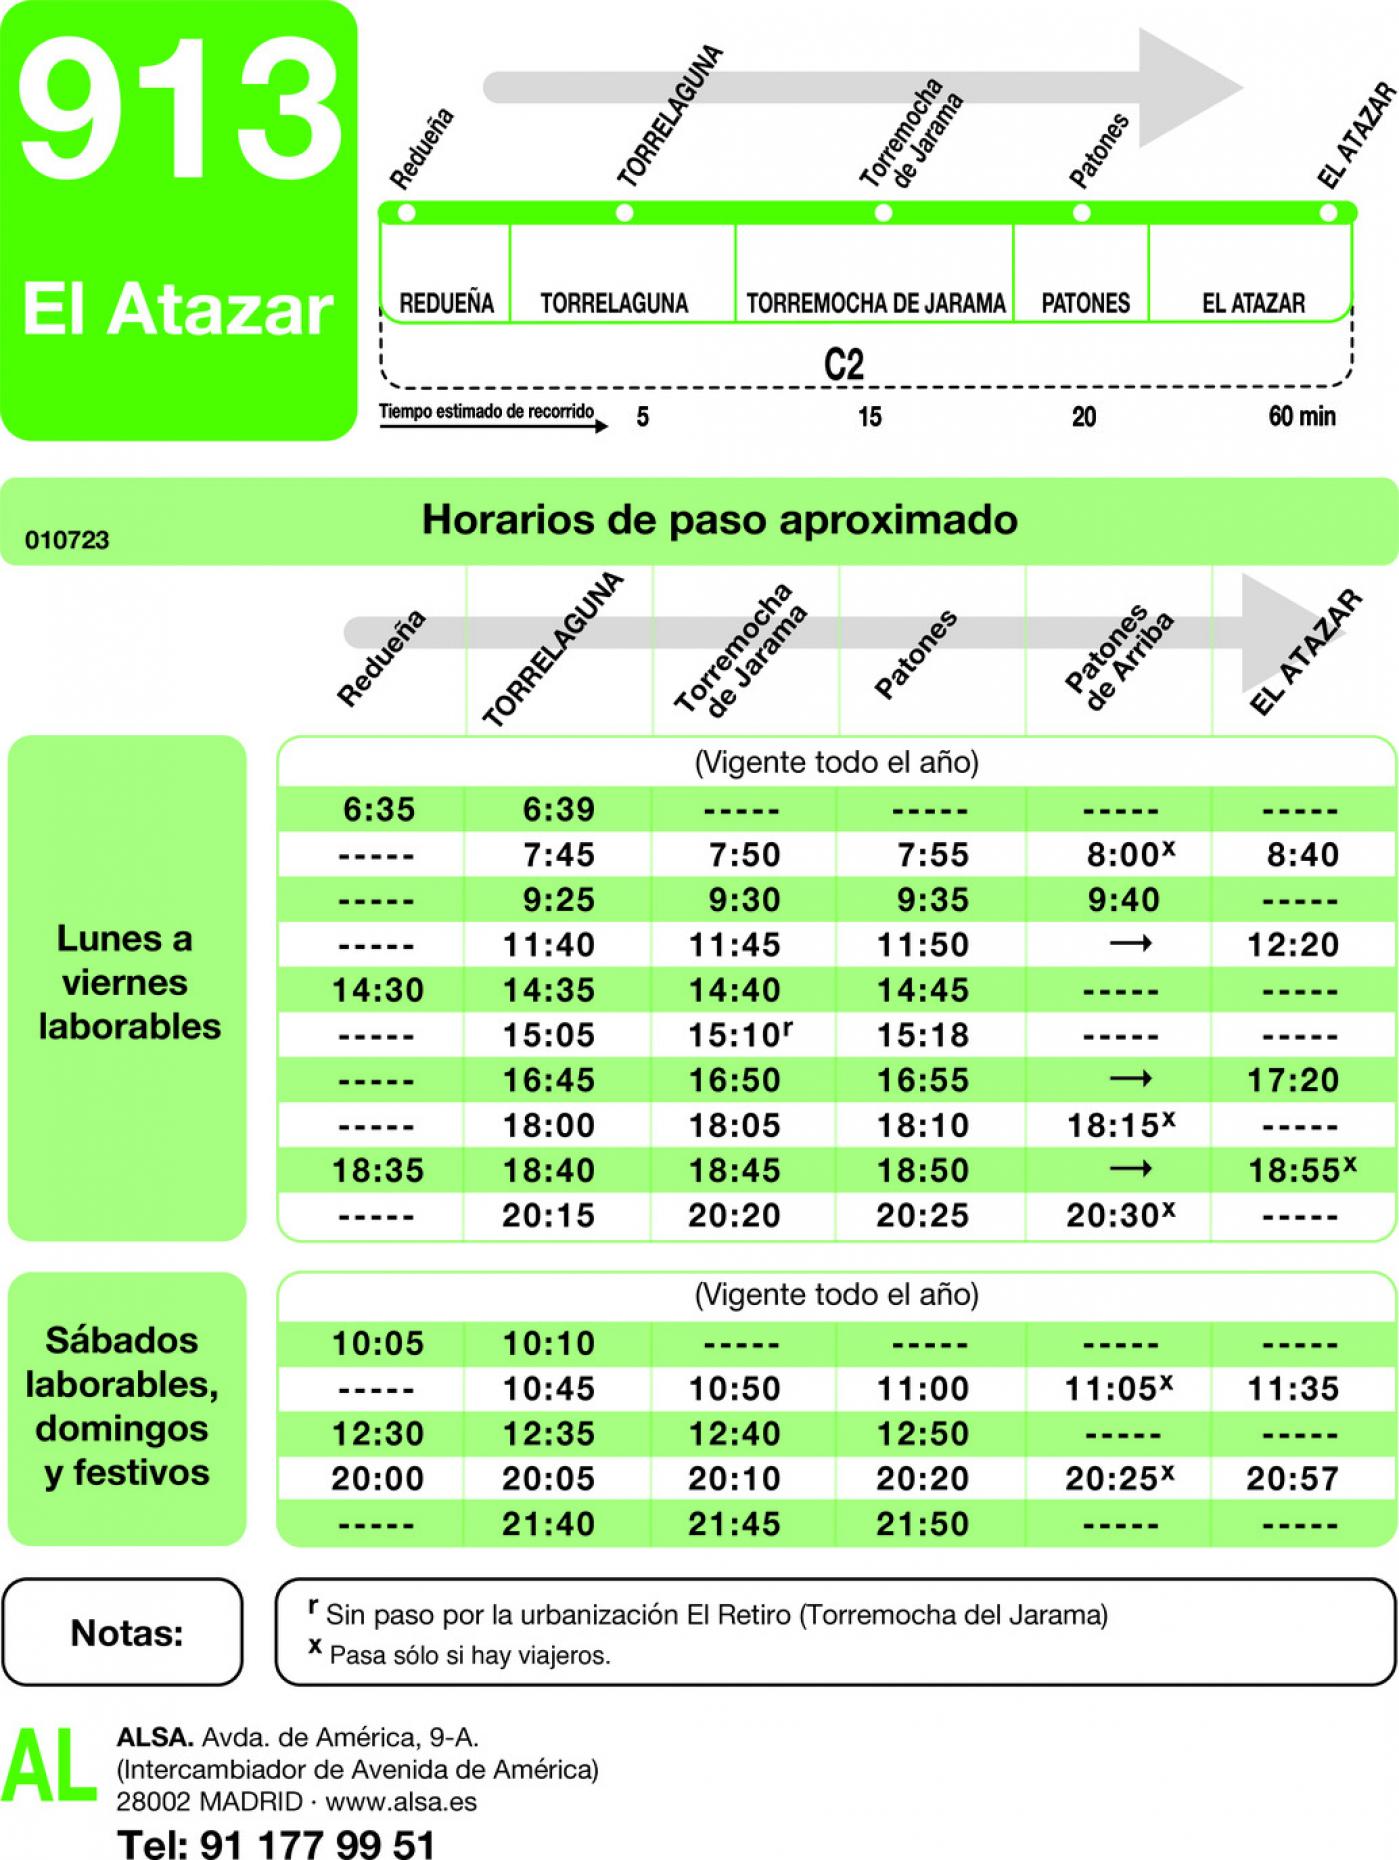 Tabla de horarios y frecuencias de paso en sentido ida Línea 913: Torrelaguna - El Atazar